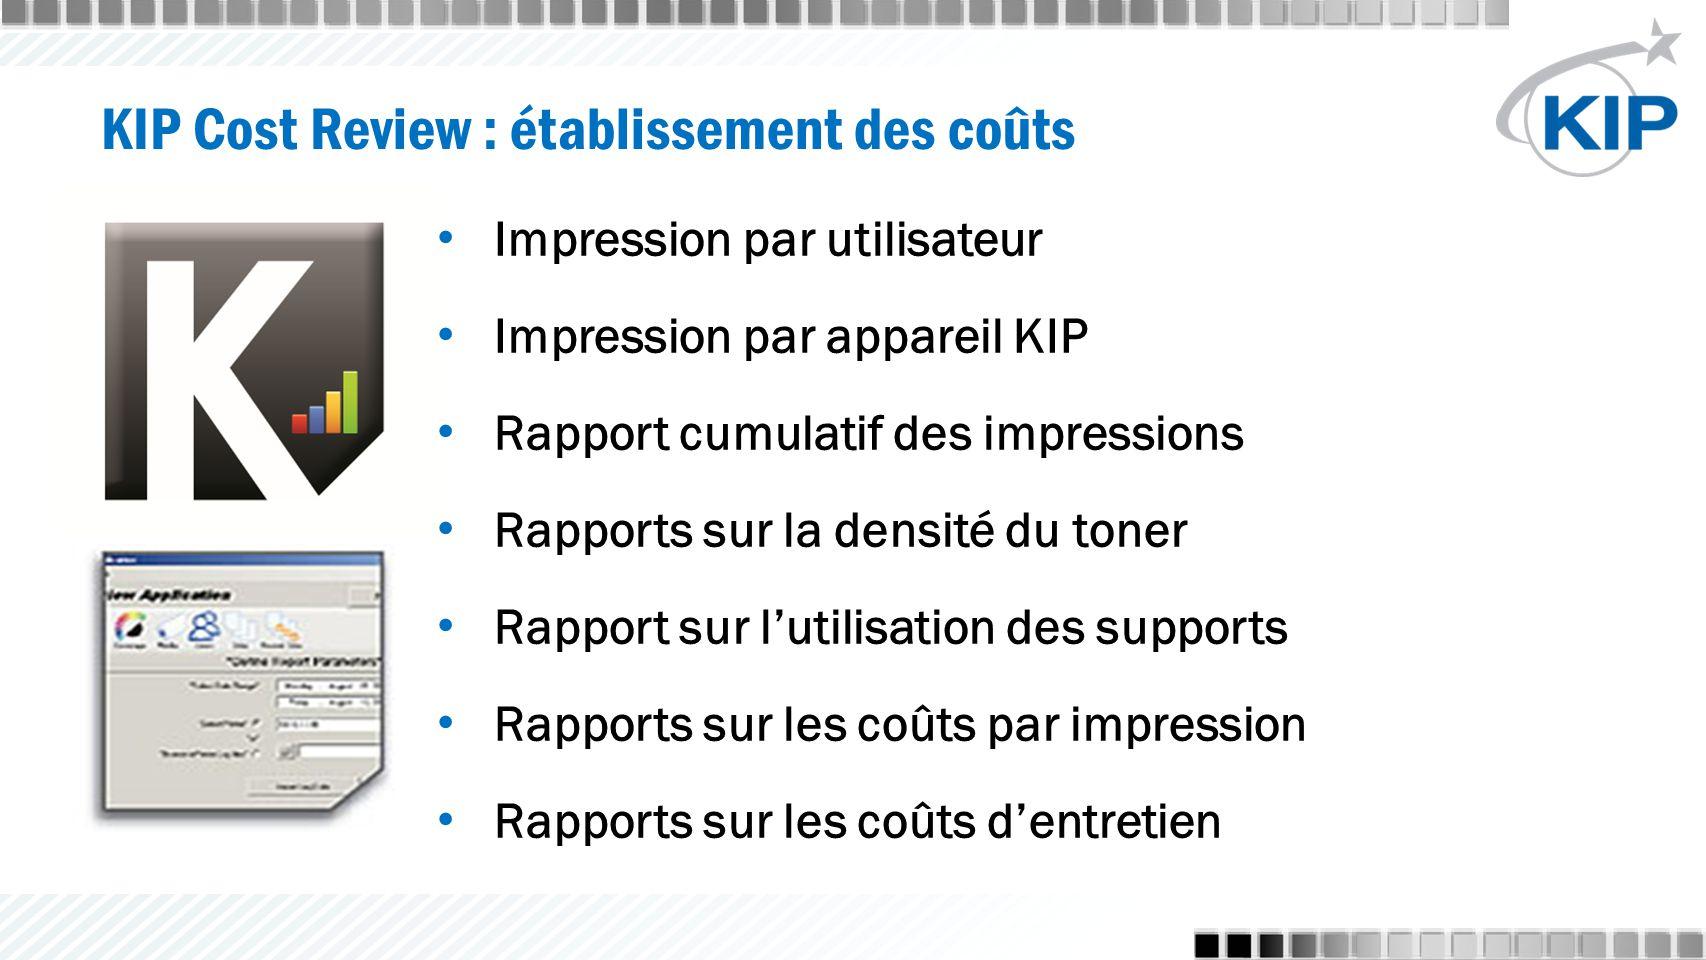 Impression par utilisateur Impression par appareil KIP Rapport cumulatif des impressions Rapports sur la densité du toner Rapport sur l'utilisation de